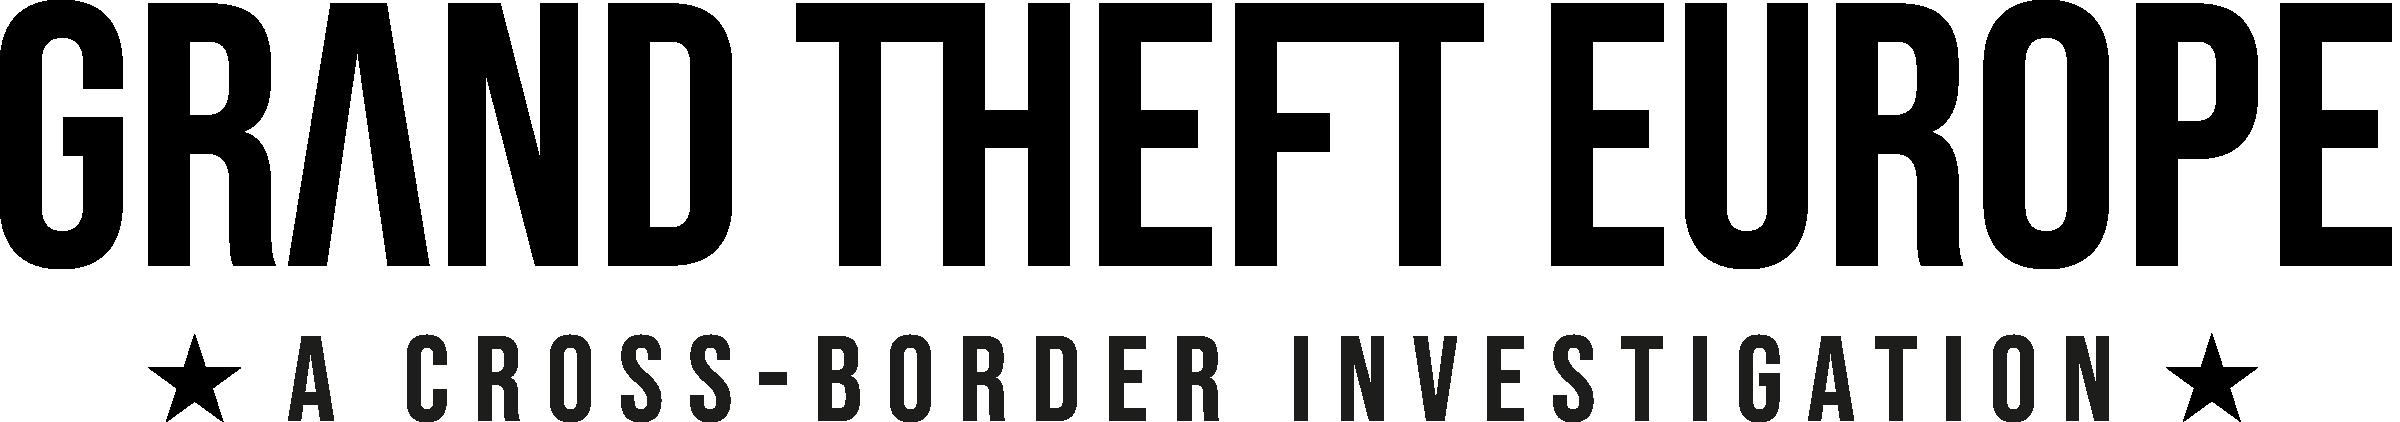 GTE-logo-black.png